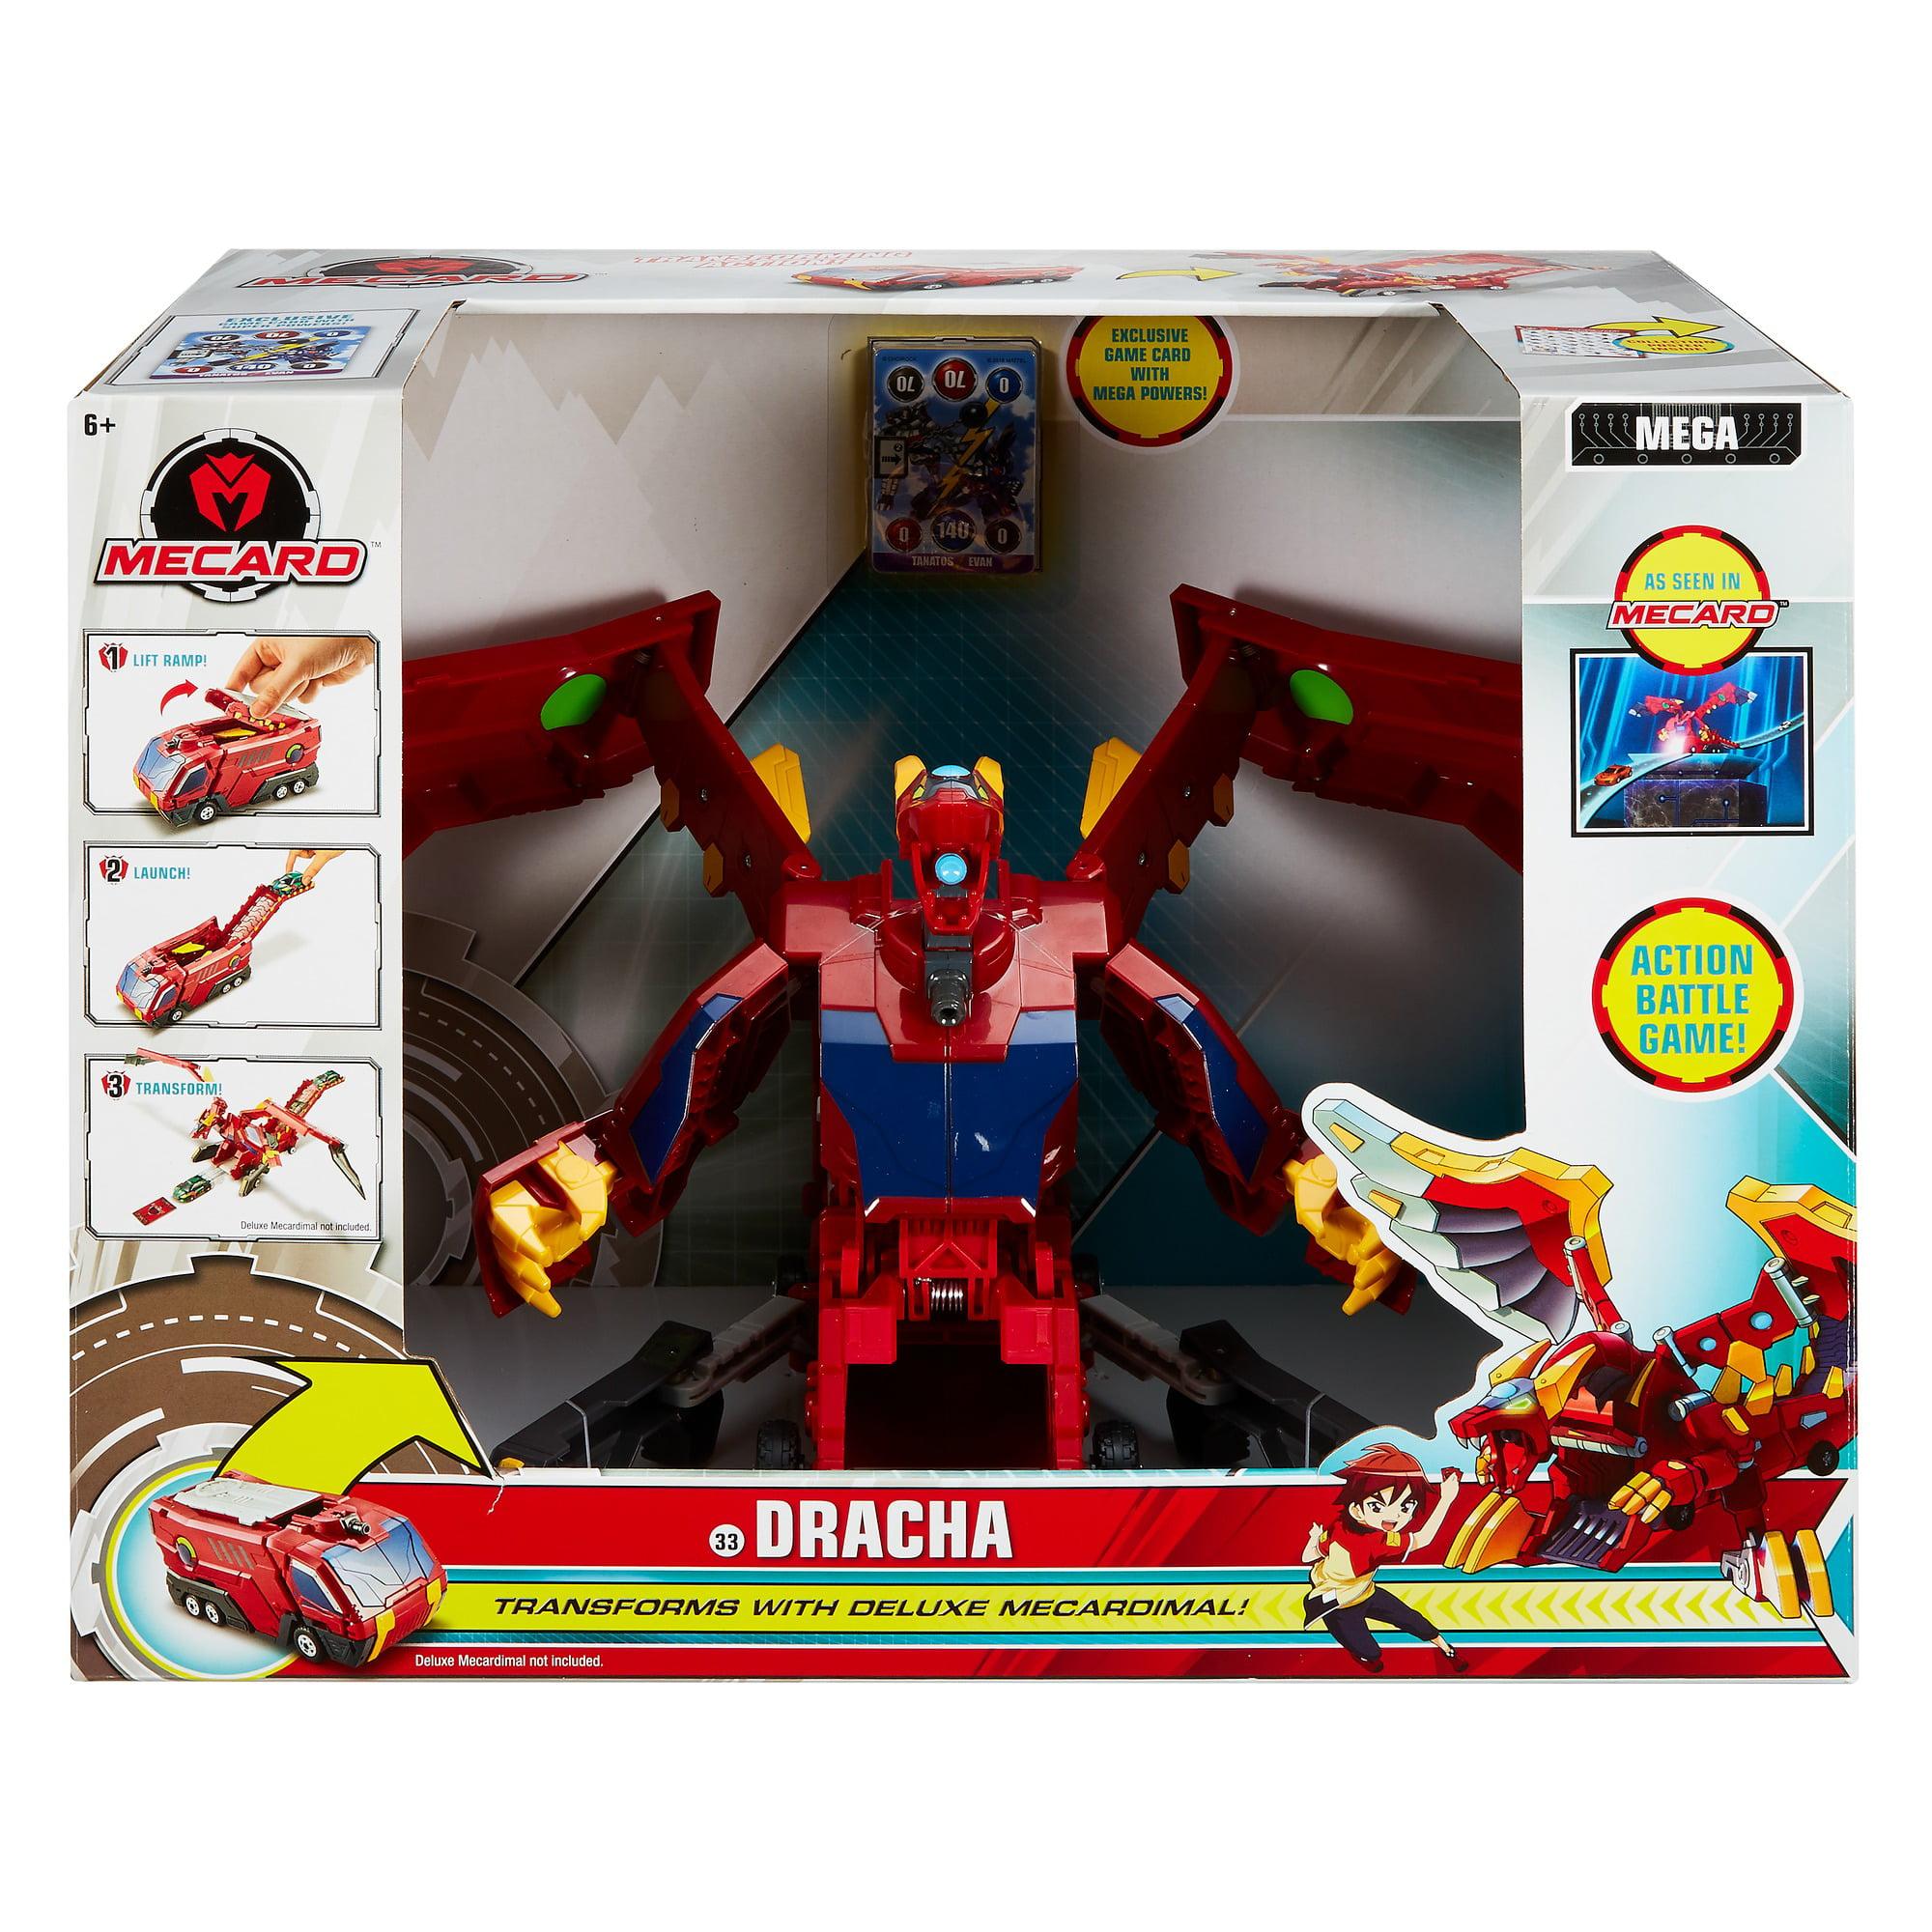 76220a804eb Mecard Mega Dracha Figure - Walmart.com